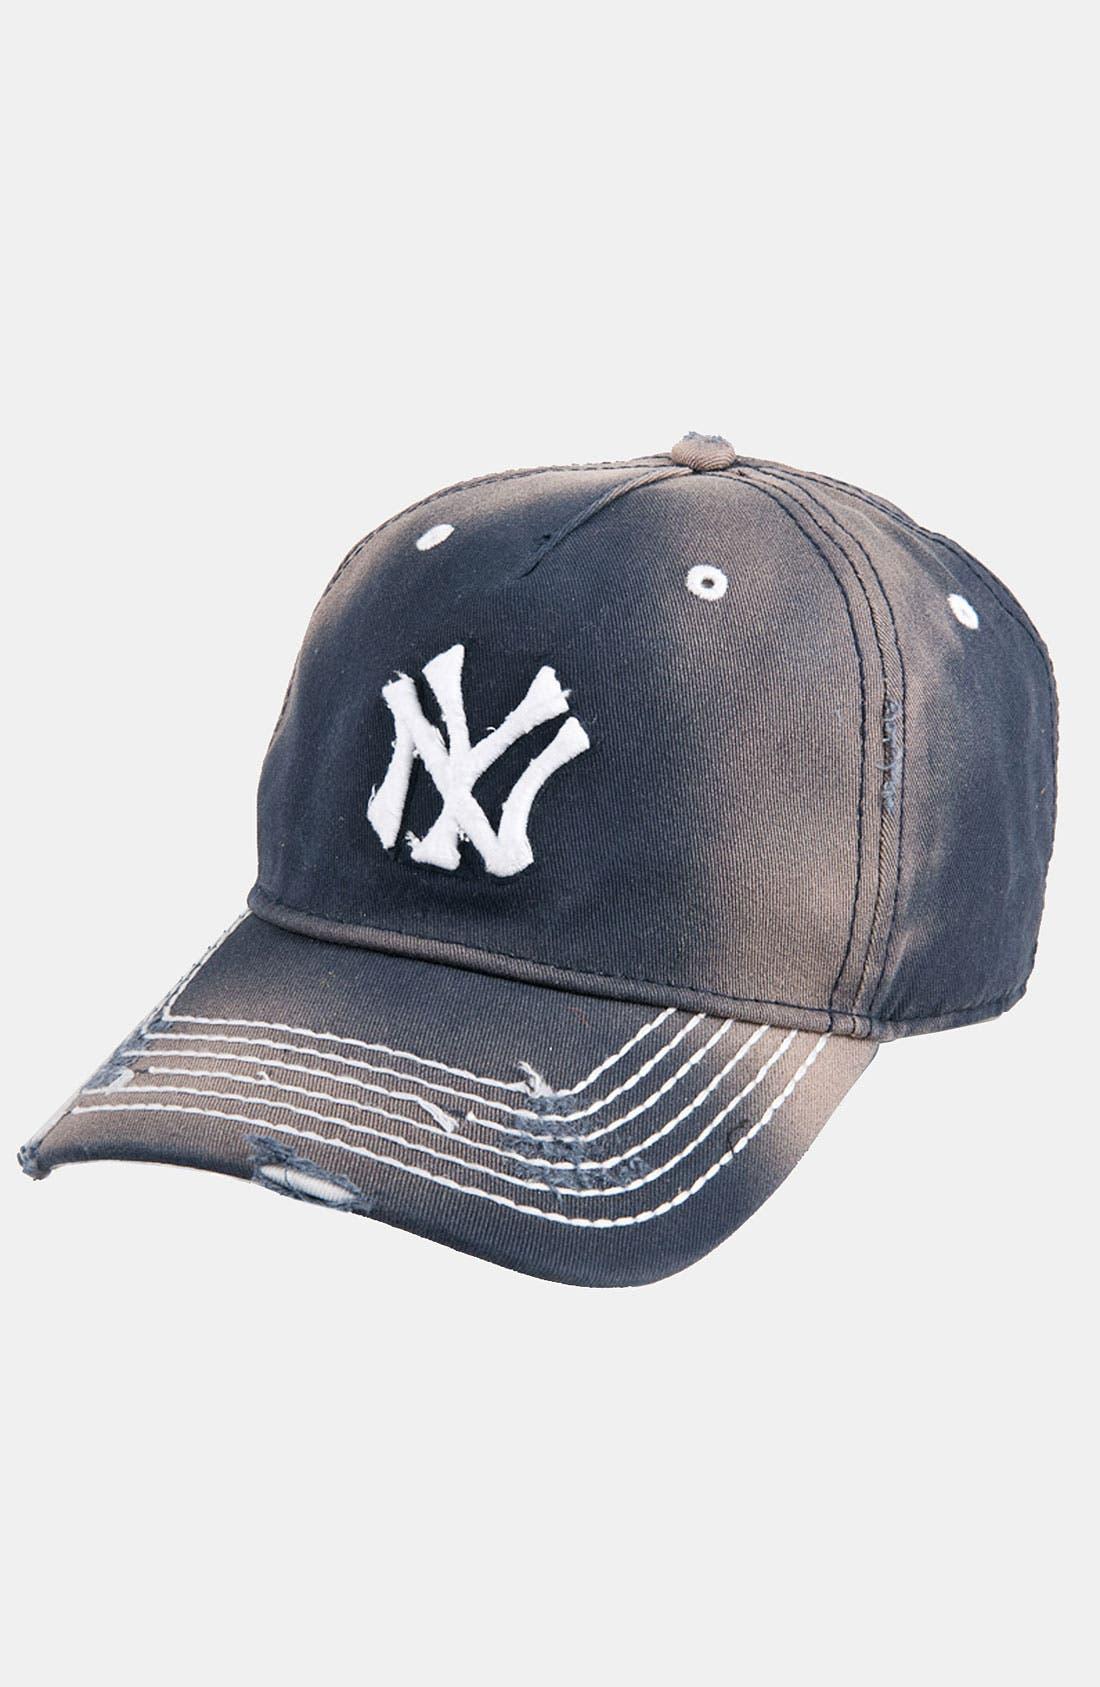 Main Image - American Needle 'New York Yankees' Distressed Cap